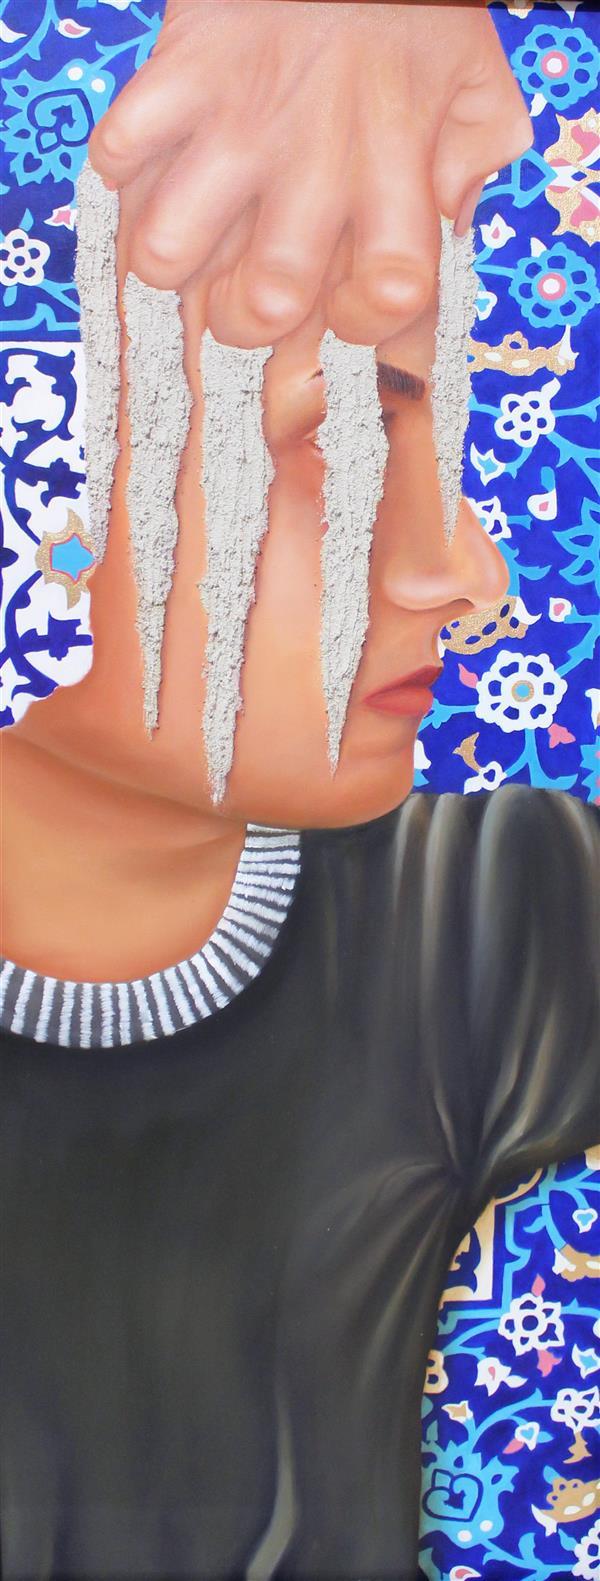 هنر نقاشی و گرافیک محفل نقاشی و گرافیک SanazAfshari